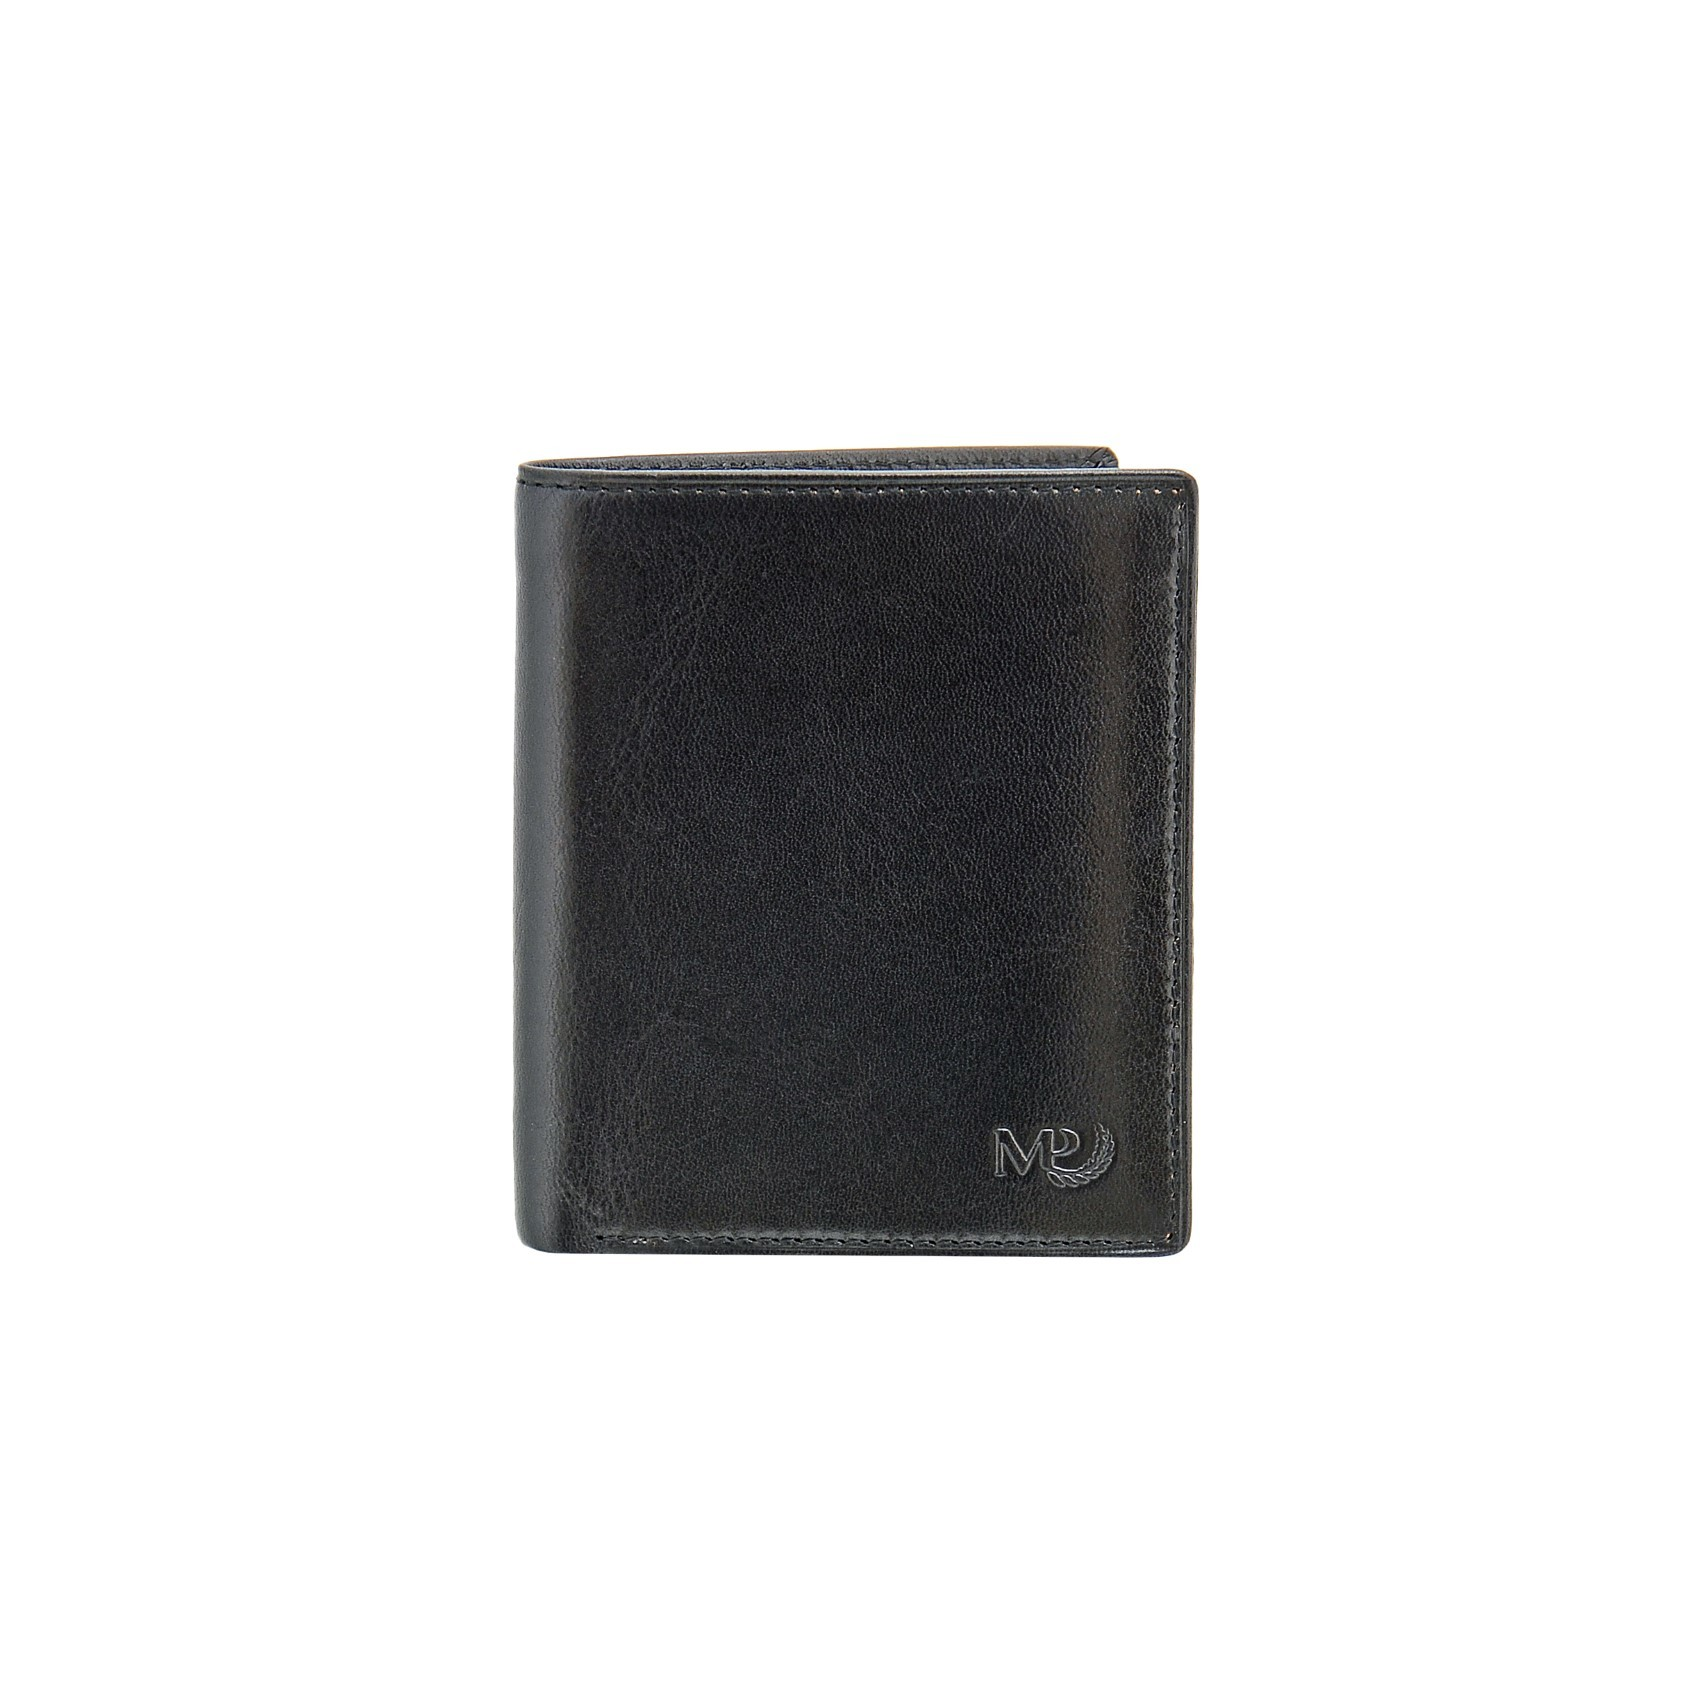 B120232R Preto - Портмоне с RFID защитой MP